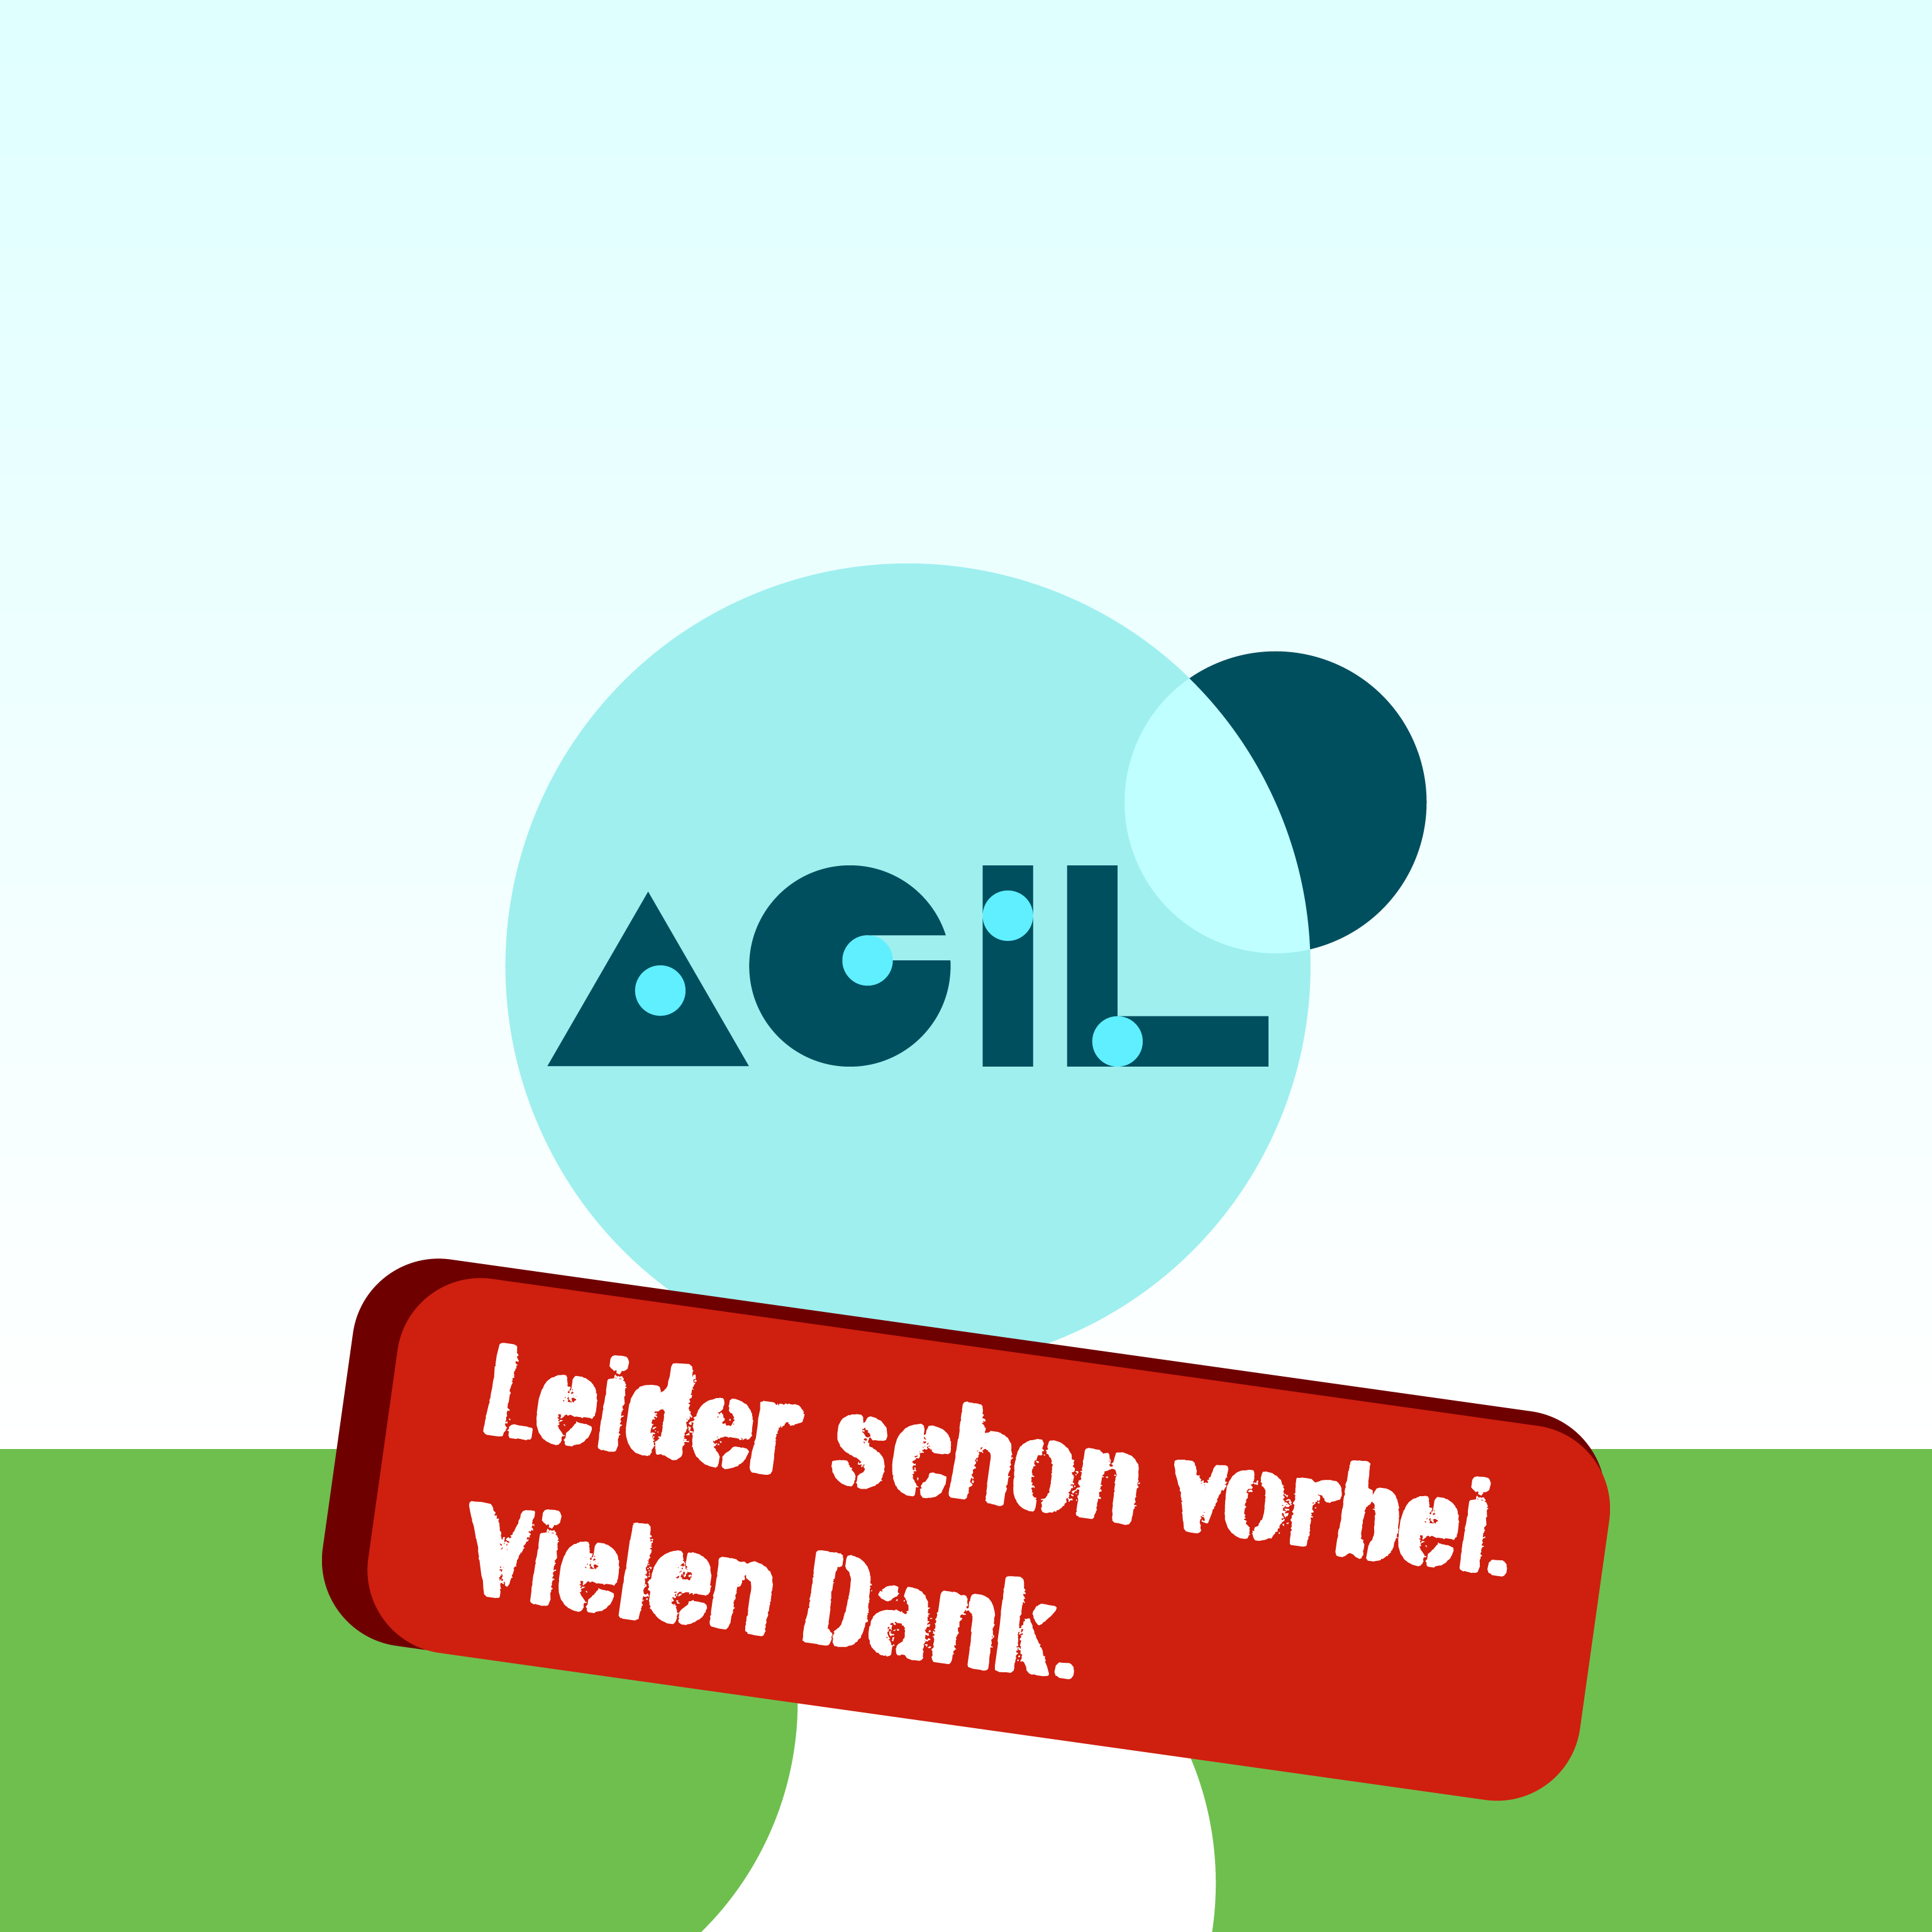 Agil agil werden!